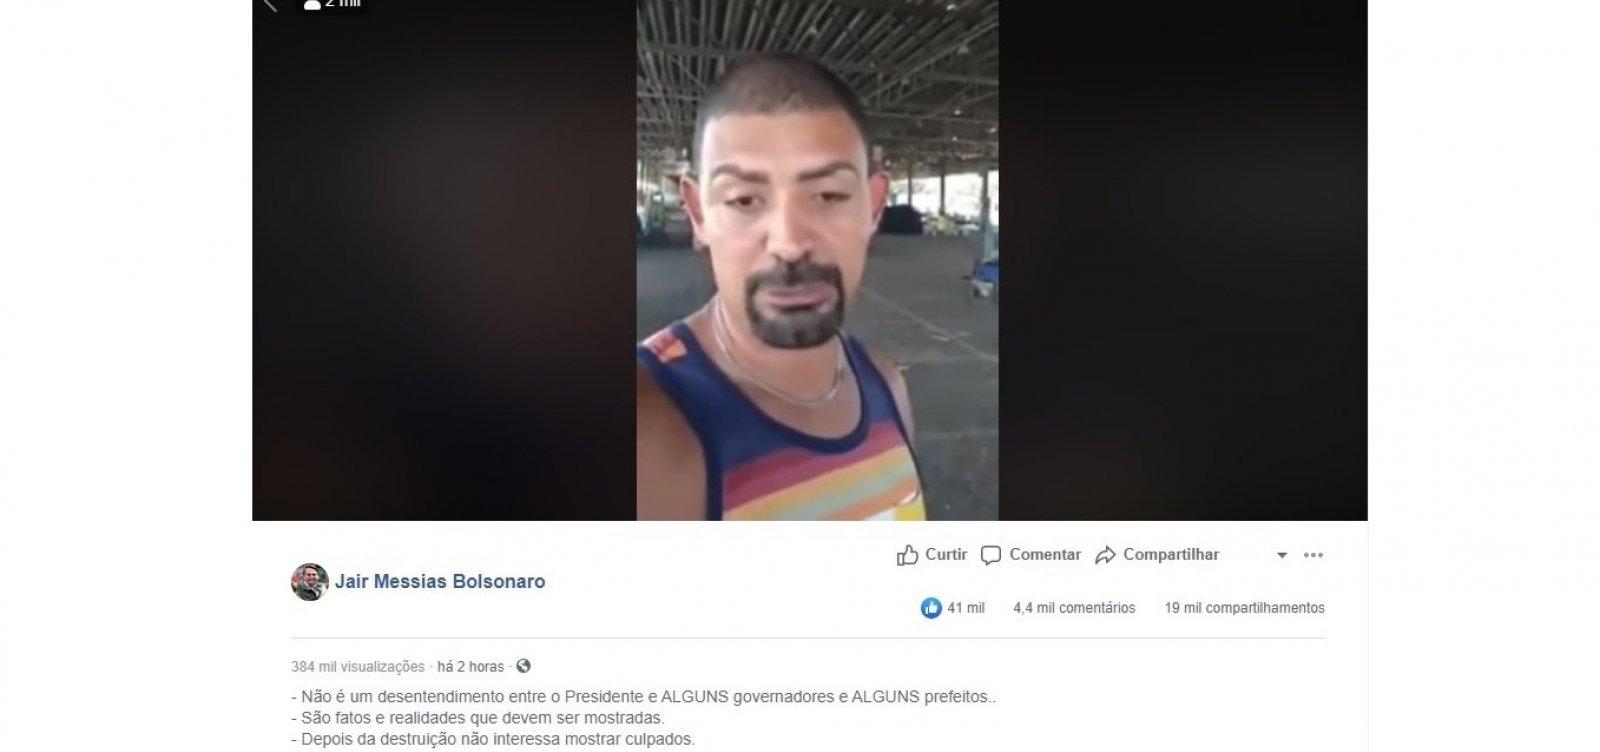 [Diferentemente de vídeo compartilhado por Bolsonaro, Ceasa de BH não registra desabastecimento]